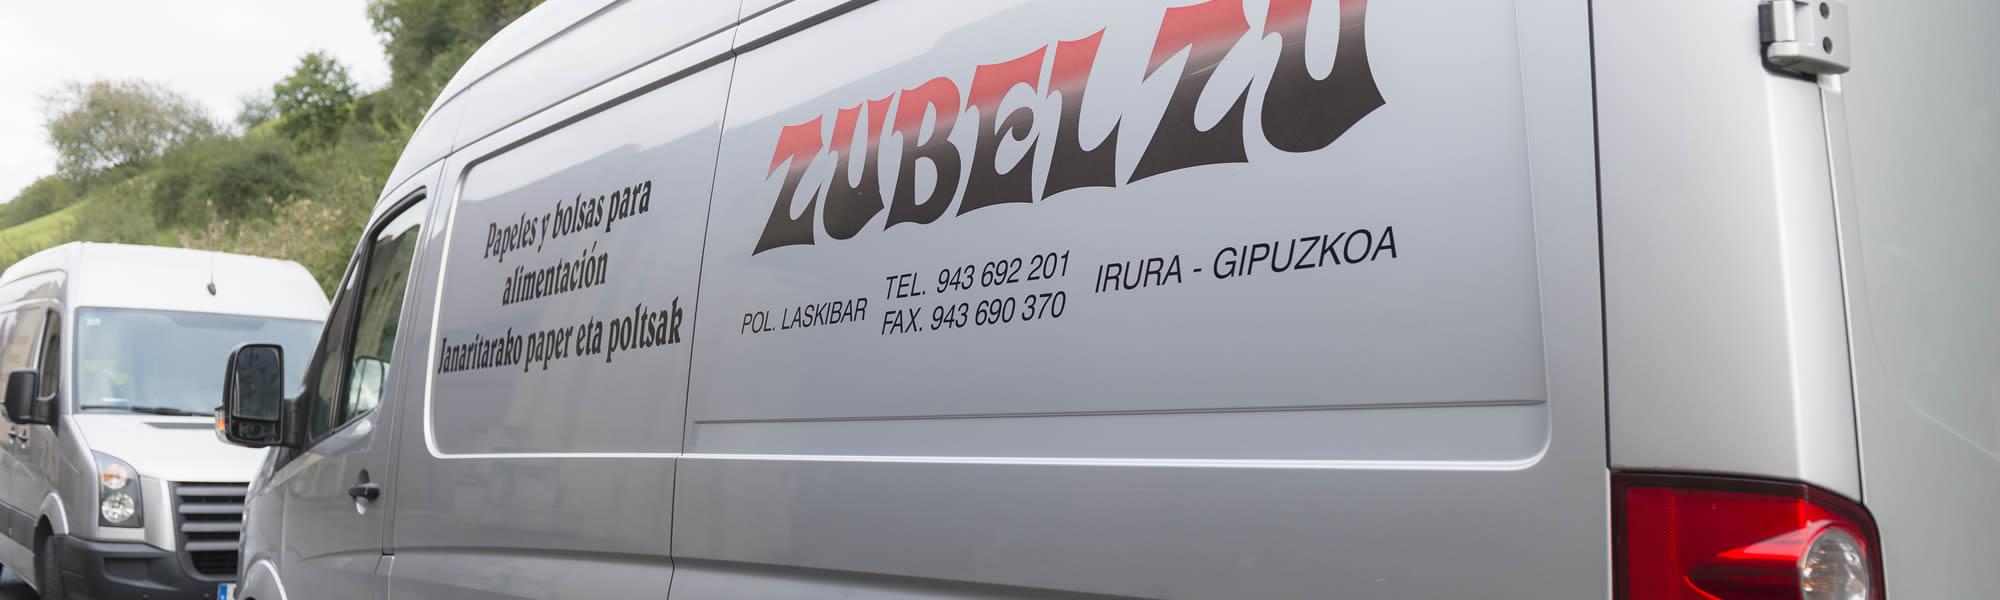 Zubelzu realiza entregas diarias de productos de packaging y embalaje